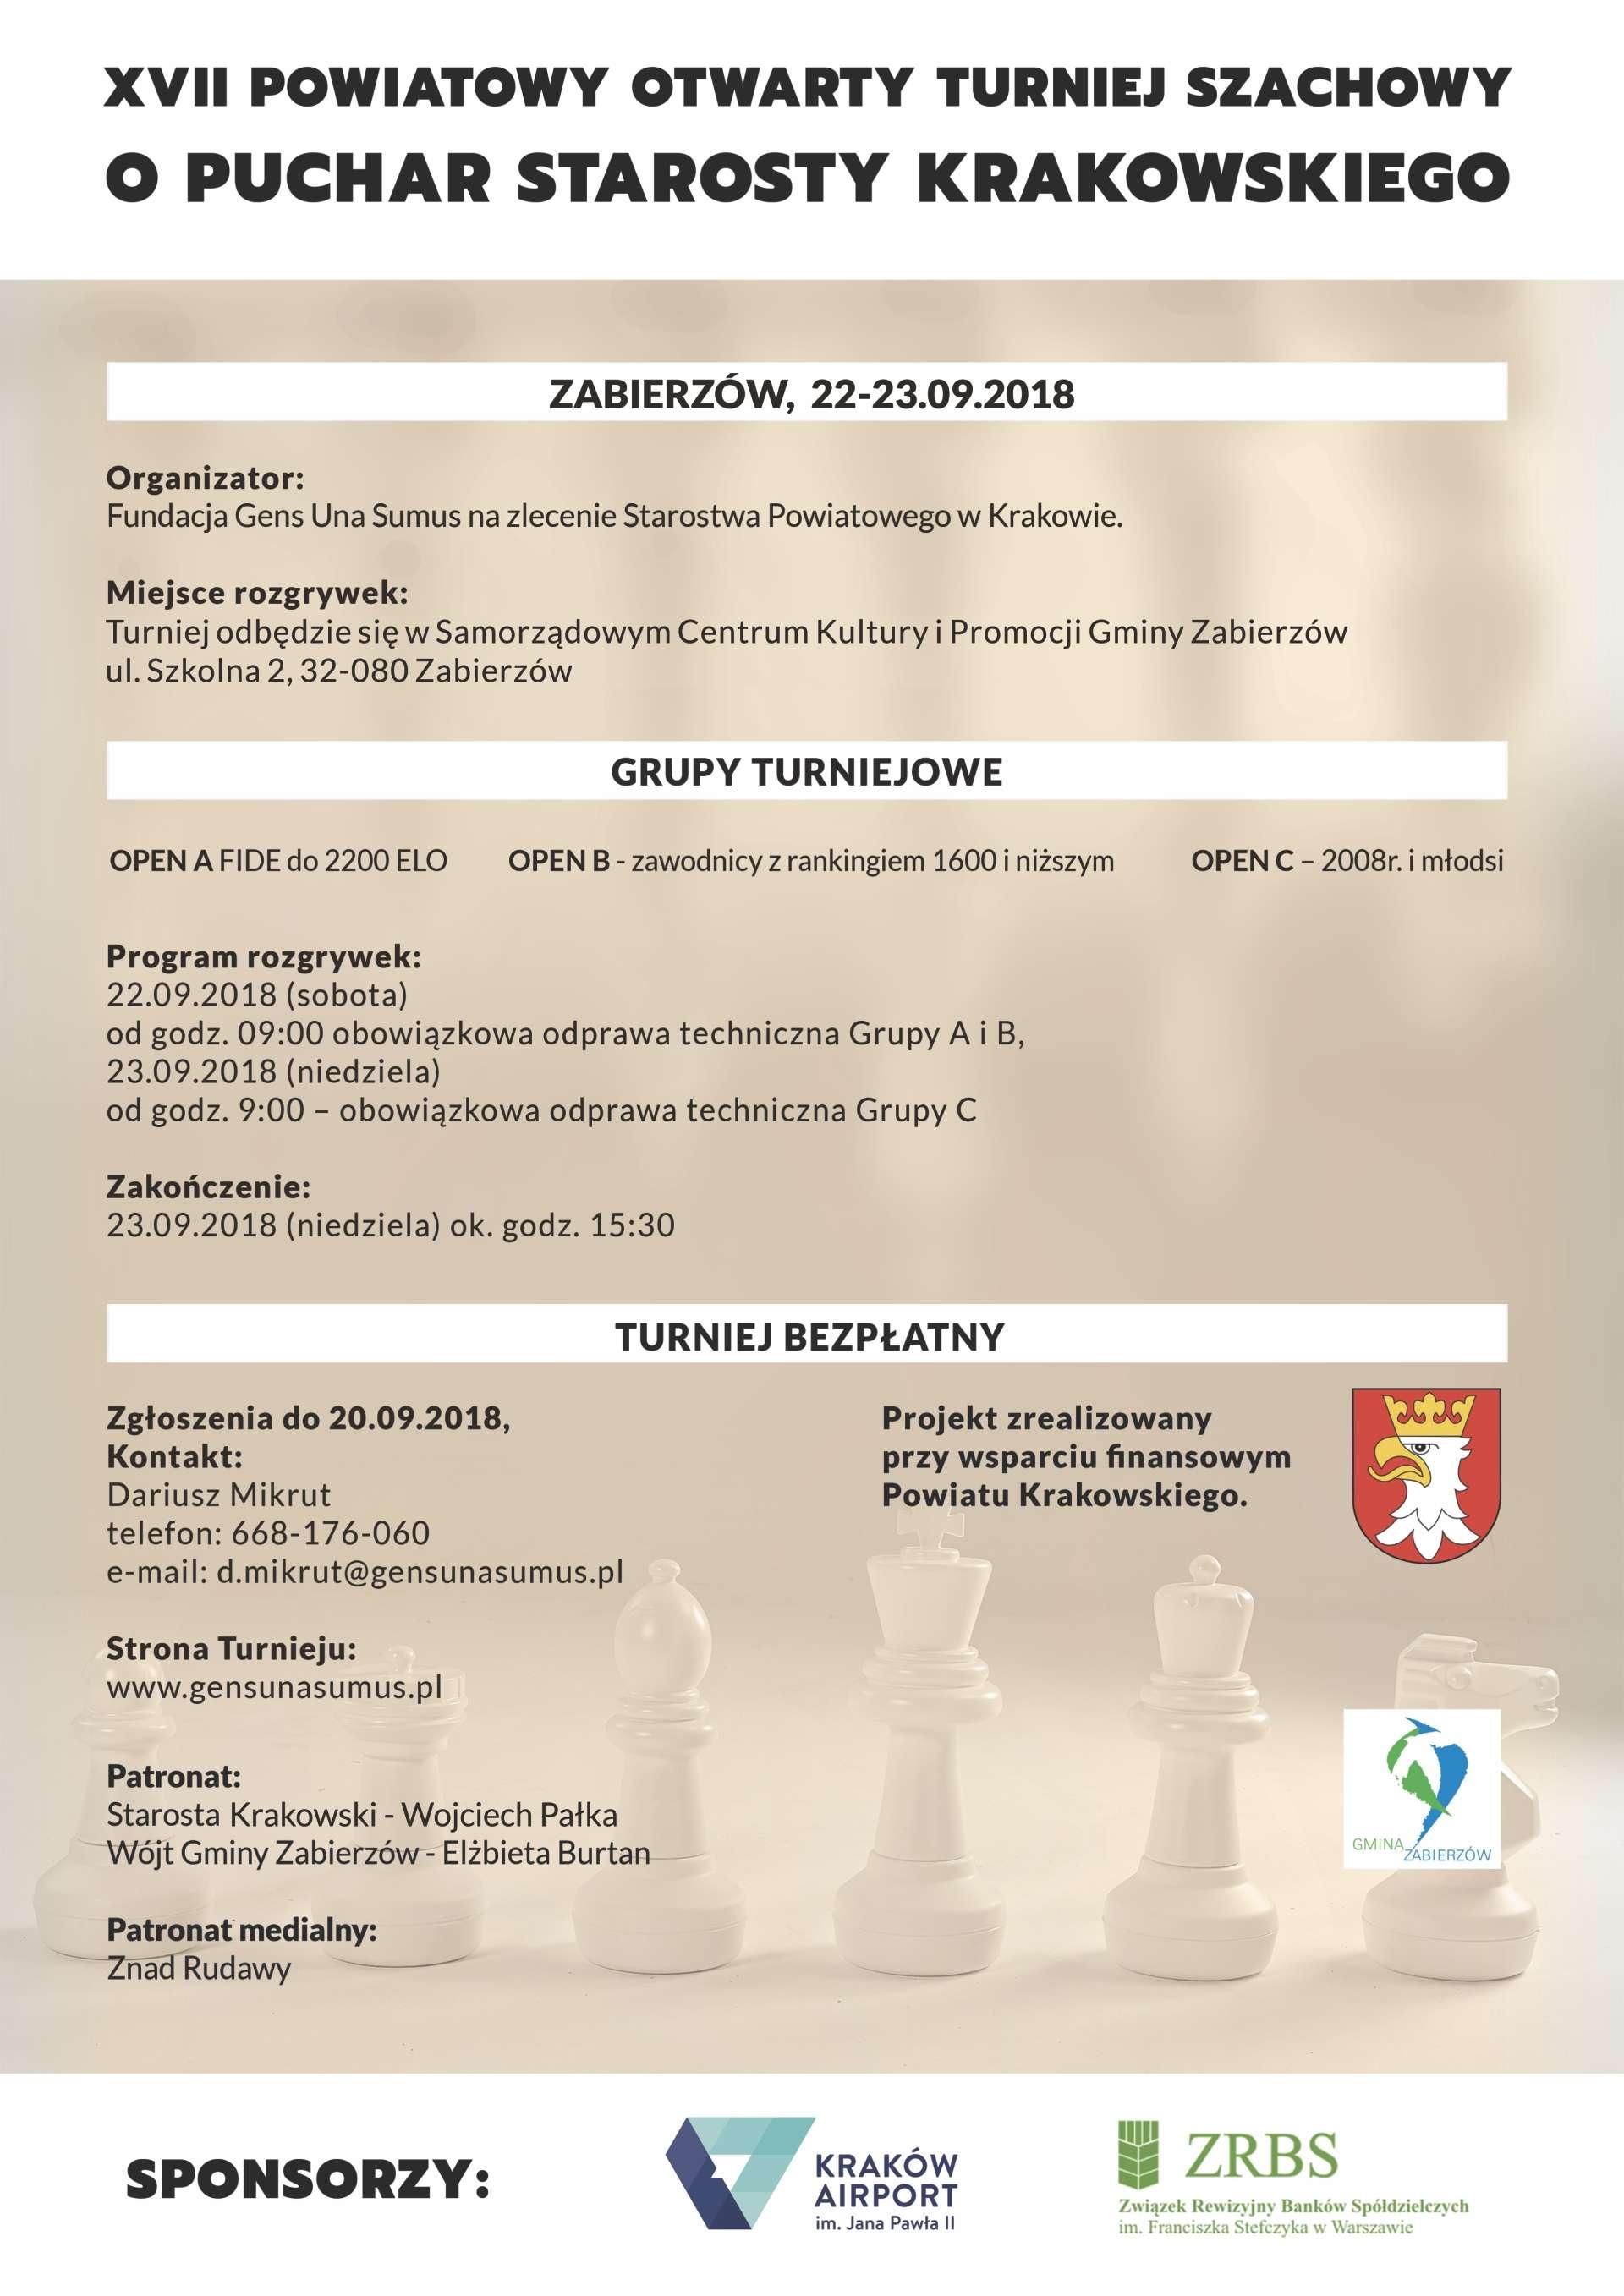 XVII Powiatowy Otwarty Turniej Szachowy o Puchar Starosty Krakowskiego @ Zabierzów | małopolskie | Polska